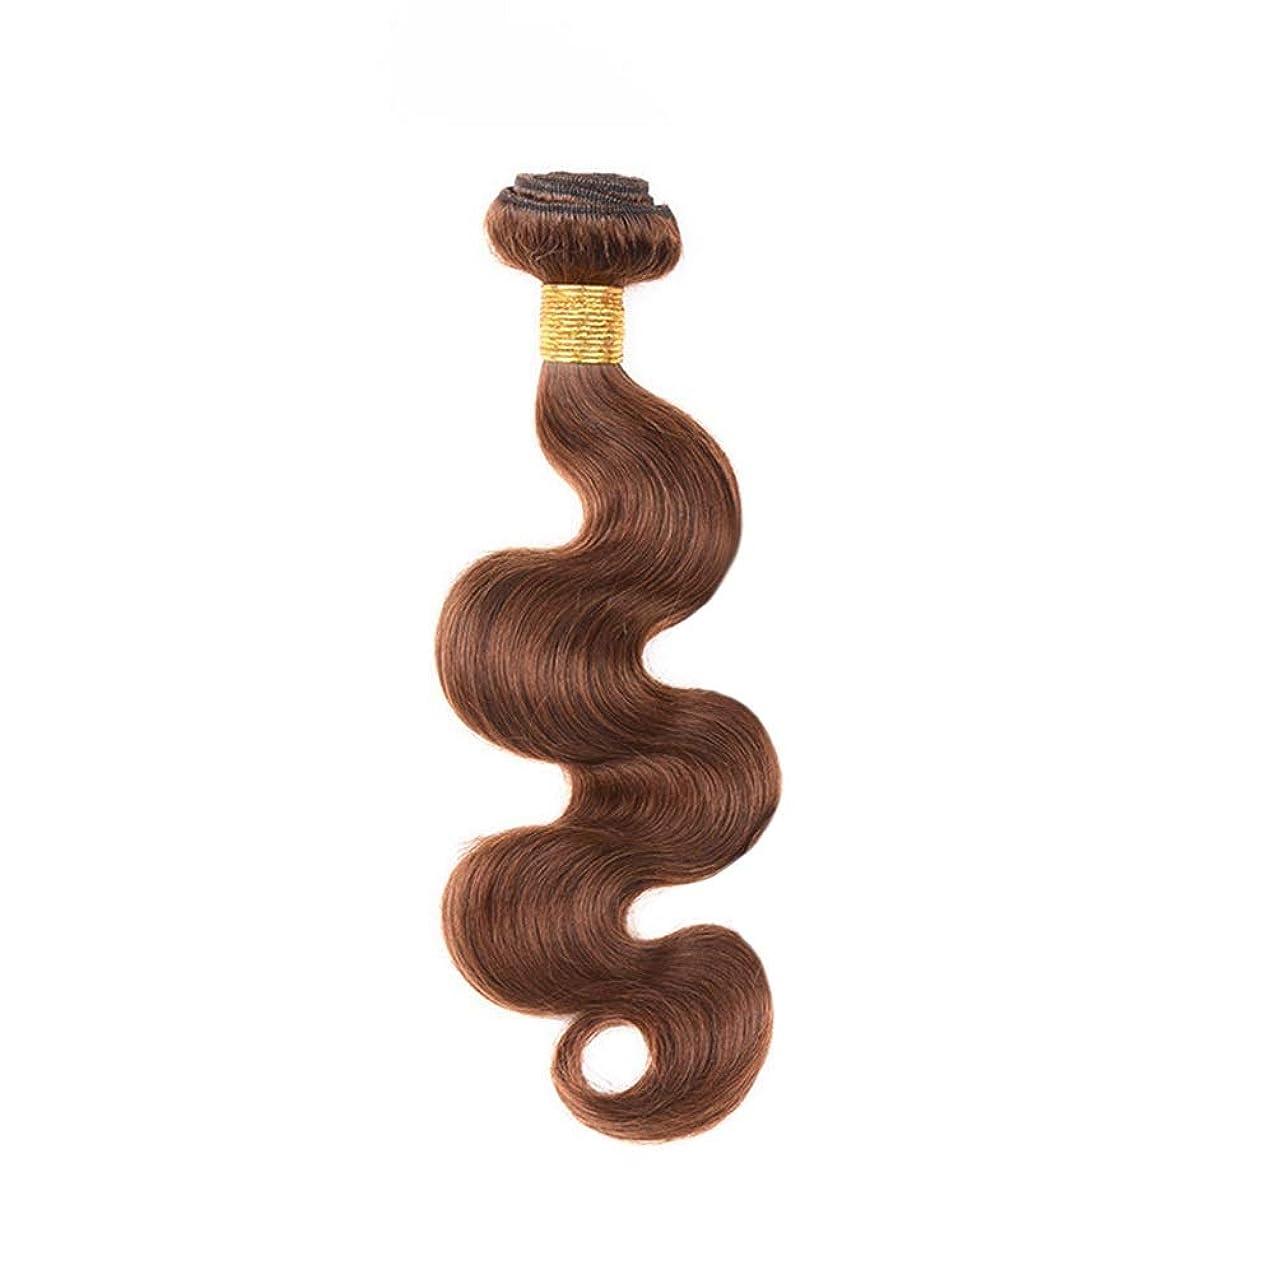 クリスマス副産物インカ帝国BOBIDYEE 茶色の人間の髪織りバンドルリアルレミーナチュラルヘアエクステンション横糸 - 実体波 - 4#ブラウン(1バンドル、10インチ-24インチ、100g)合成髪レースかつらロールプレイングウィッグロング&ショート女性自然 (色 : ブラウン, サイズ : 10 inch)